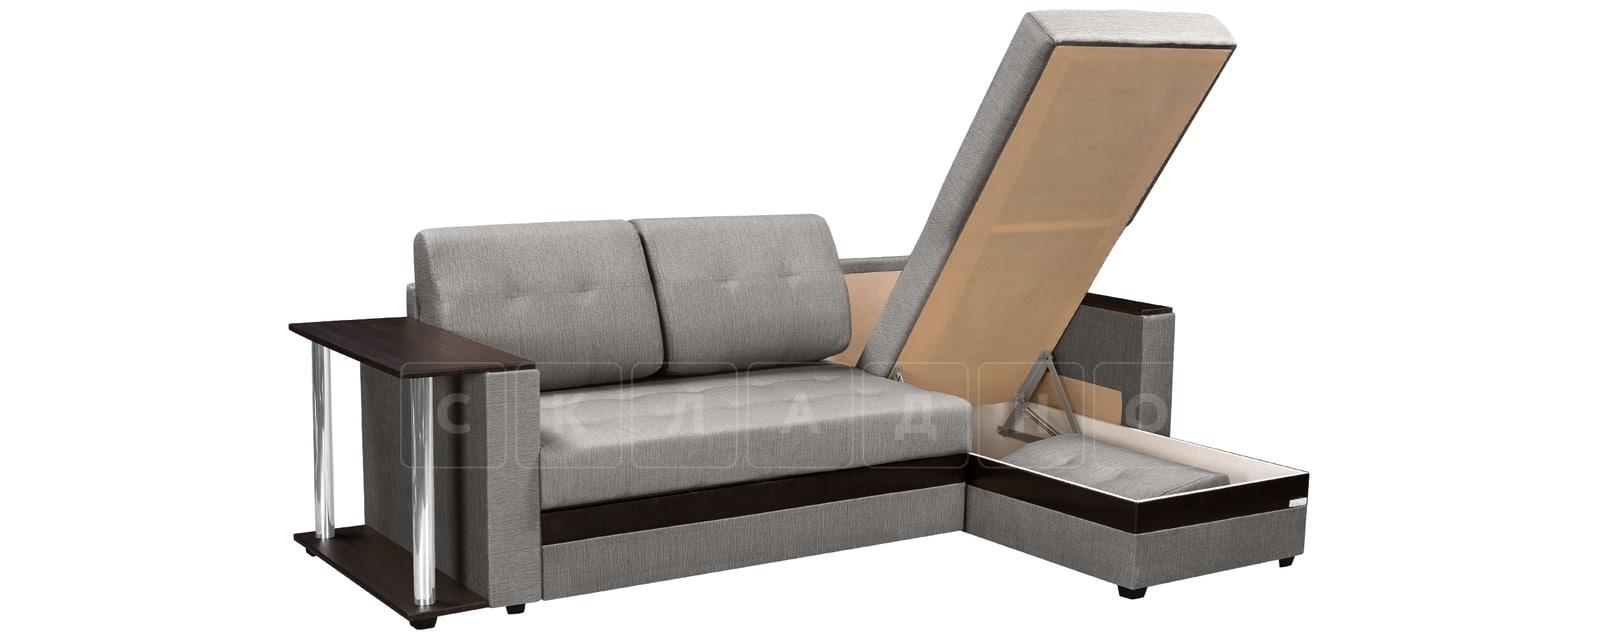 Угловой диван Атланта рогожка серого цвета фото 4 | интернет-магазин Складно